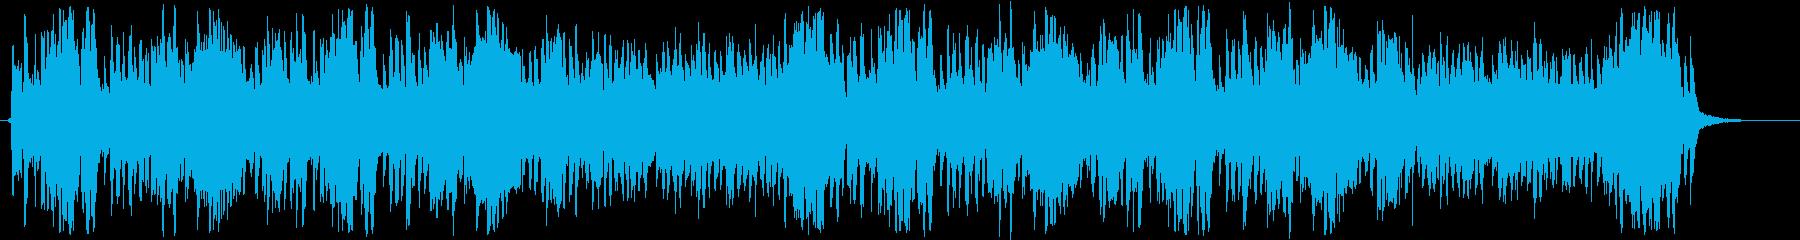 優しいクラリネットのハーモニーの再生済みの波形